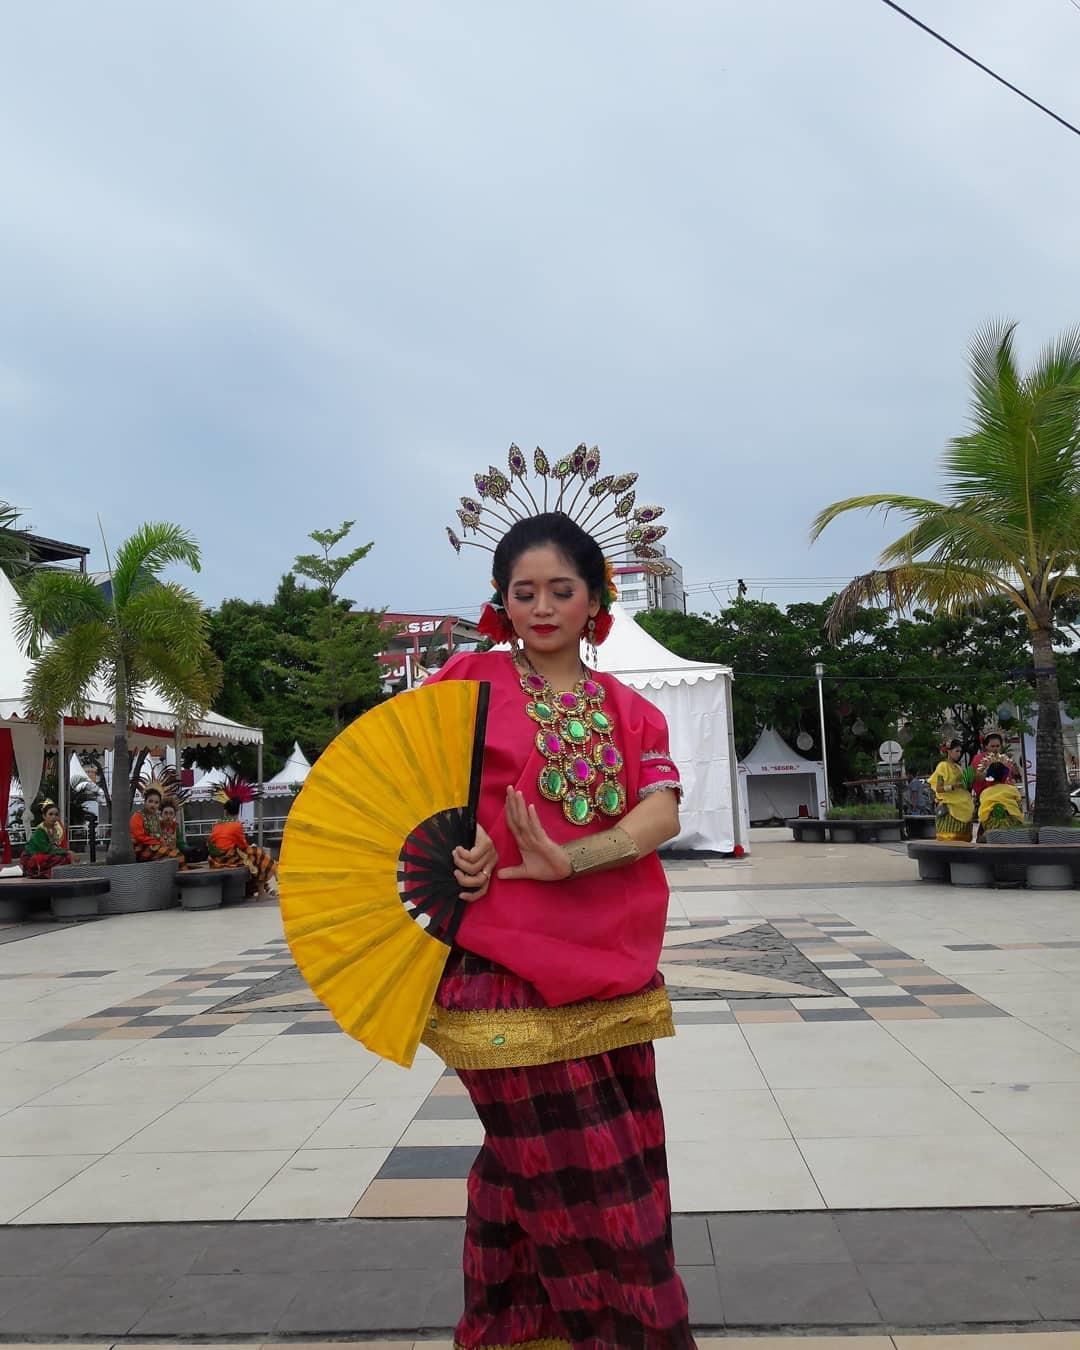 Gambar Tari Pakarena : gambar, pakarena, Pakarena:, Cerminan, Kelembutan, Wanita, Sulawesi, Selatan, Makassar, Guide, Panduan, Wisata